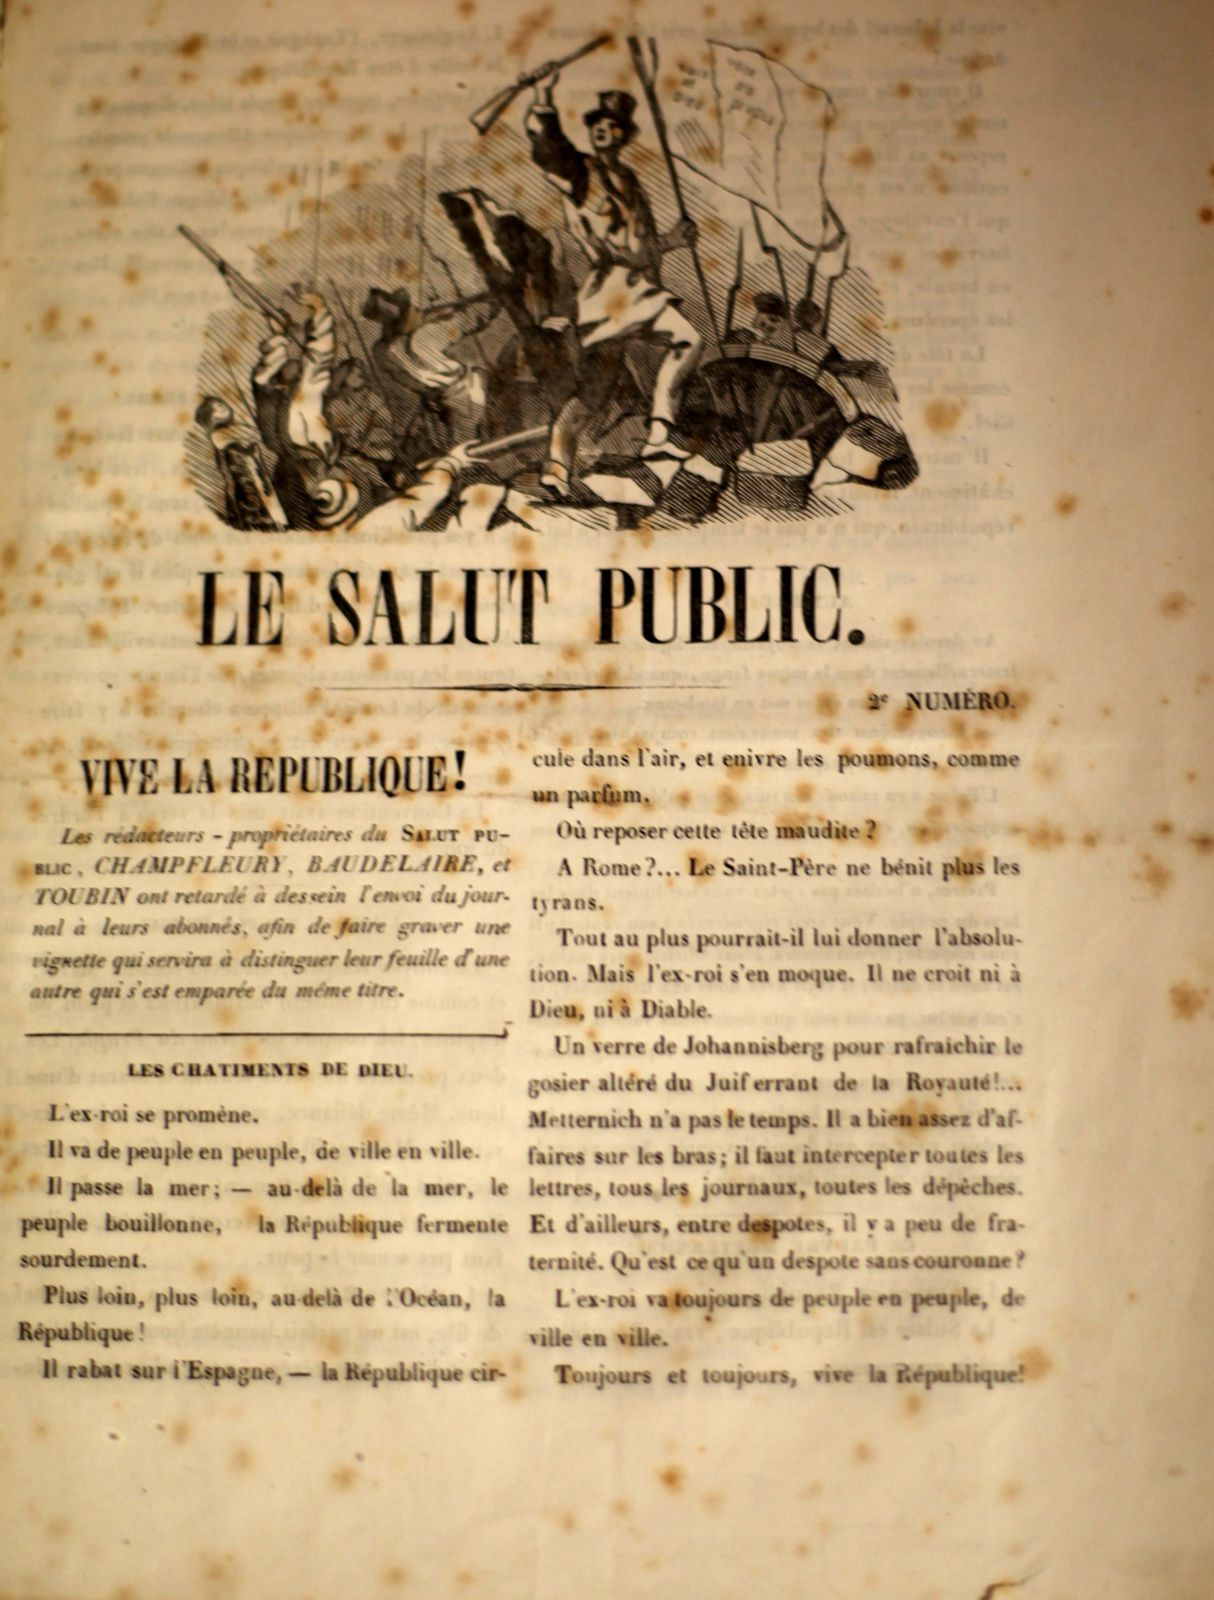 """""""Le Salut Public, N°2"""", 1848 de Charles BAUDELAIRE, Gustave COURBET, CHAMPFLEURY, Charles TOUBIN © Photo Éric Simon"""